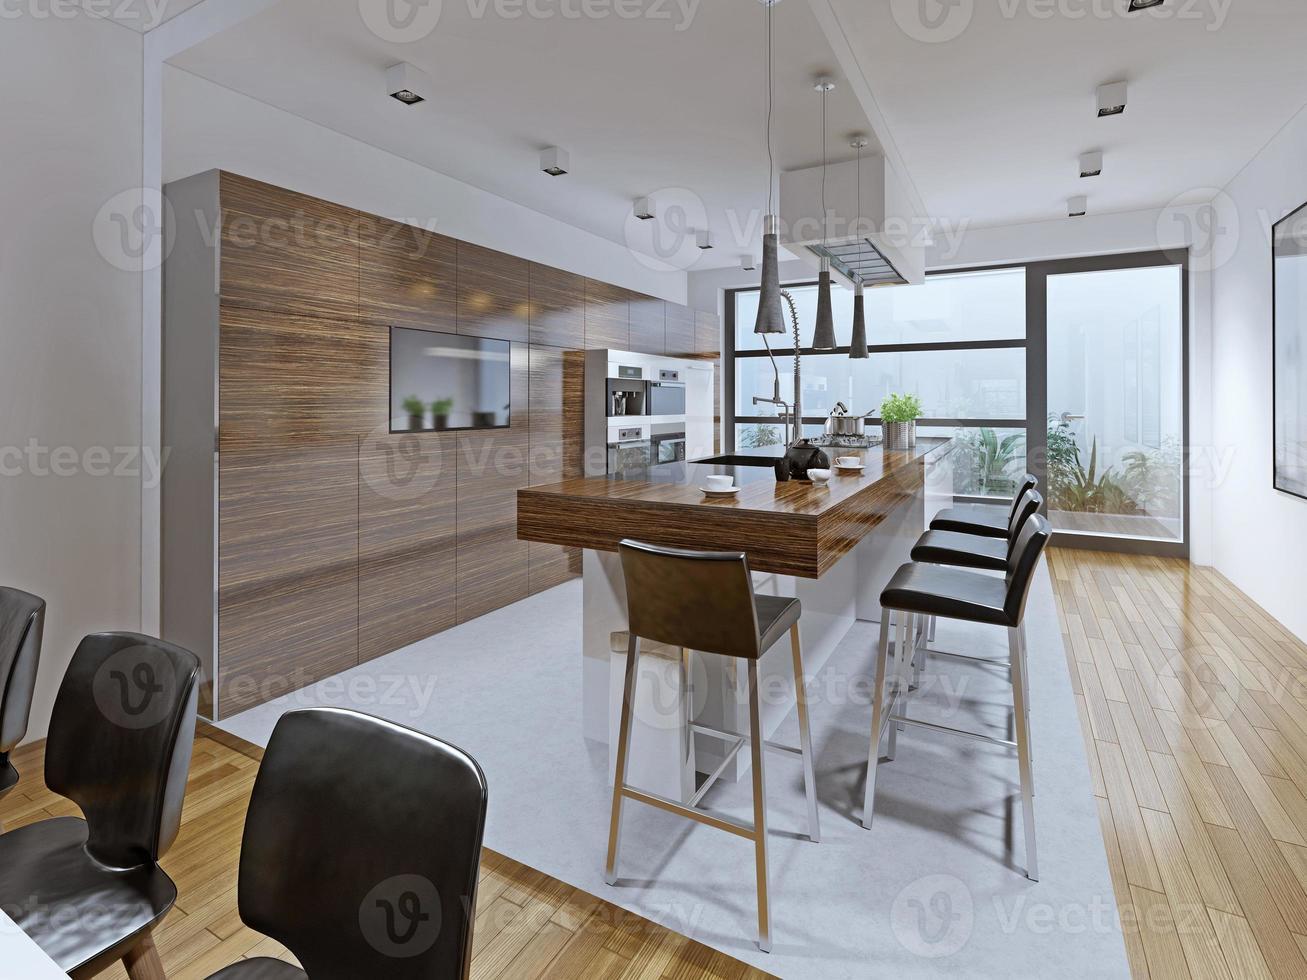 keuken high-tech stijl foto